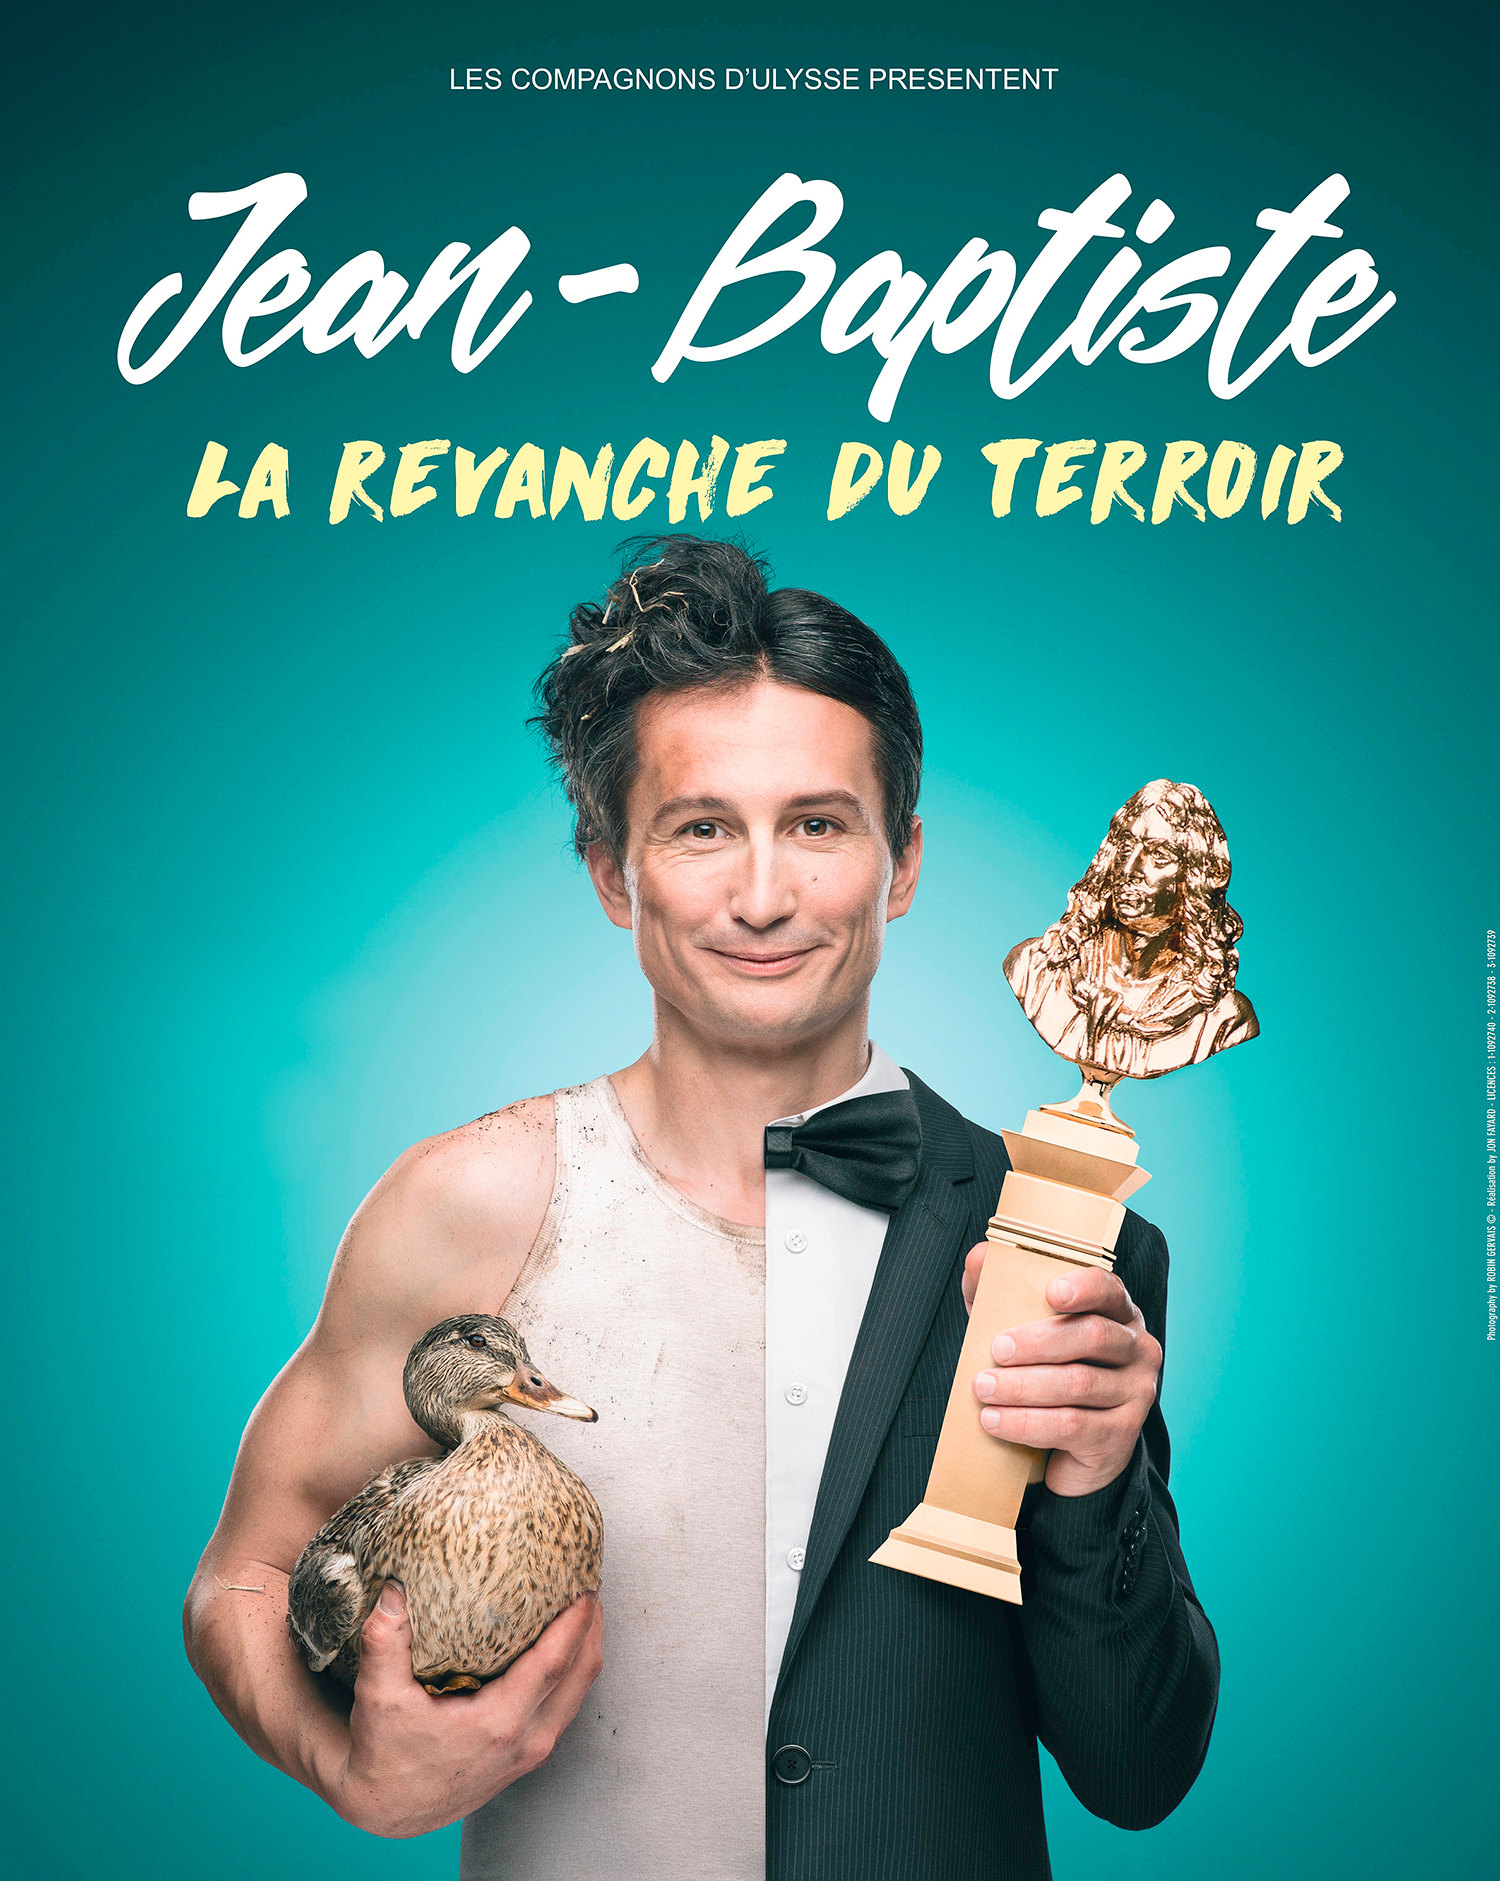 Jean-Baptiste, le 20 Octobre - Centre Culturel